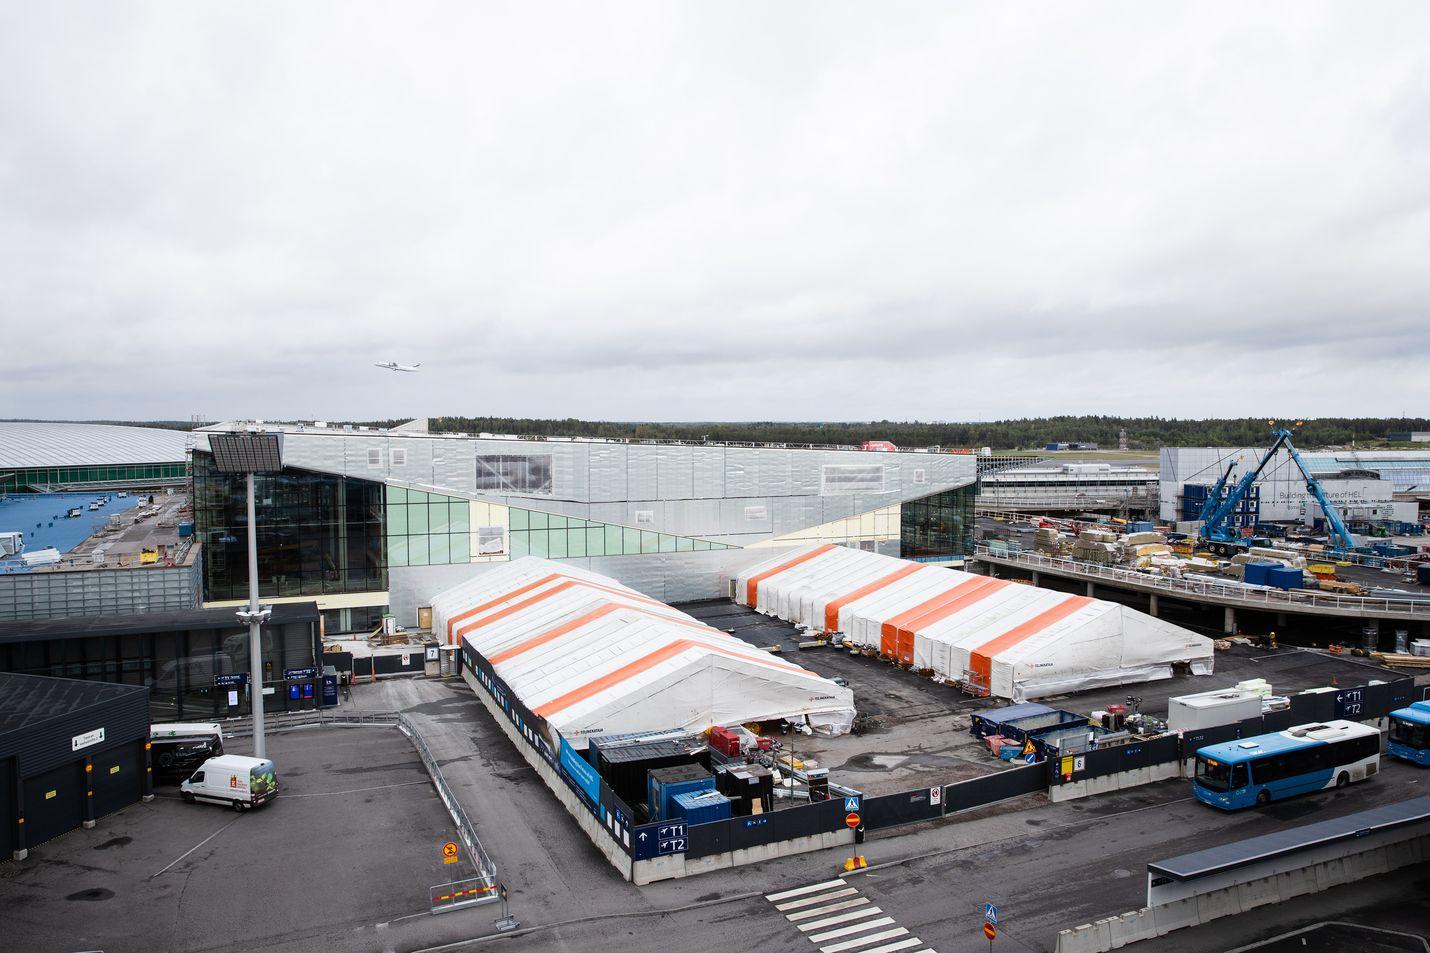 Finavia ylläpitää yhteensä 21 lentokenttää Suomessa. Helsinki-Vantaan laajennusta jatketaan pandemian aiheuttamasta matkustajakadosta huolimatta.